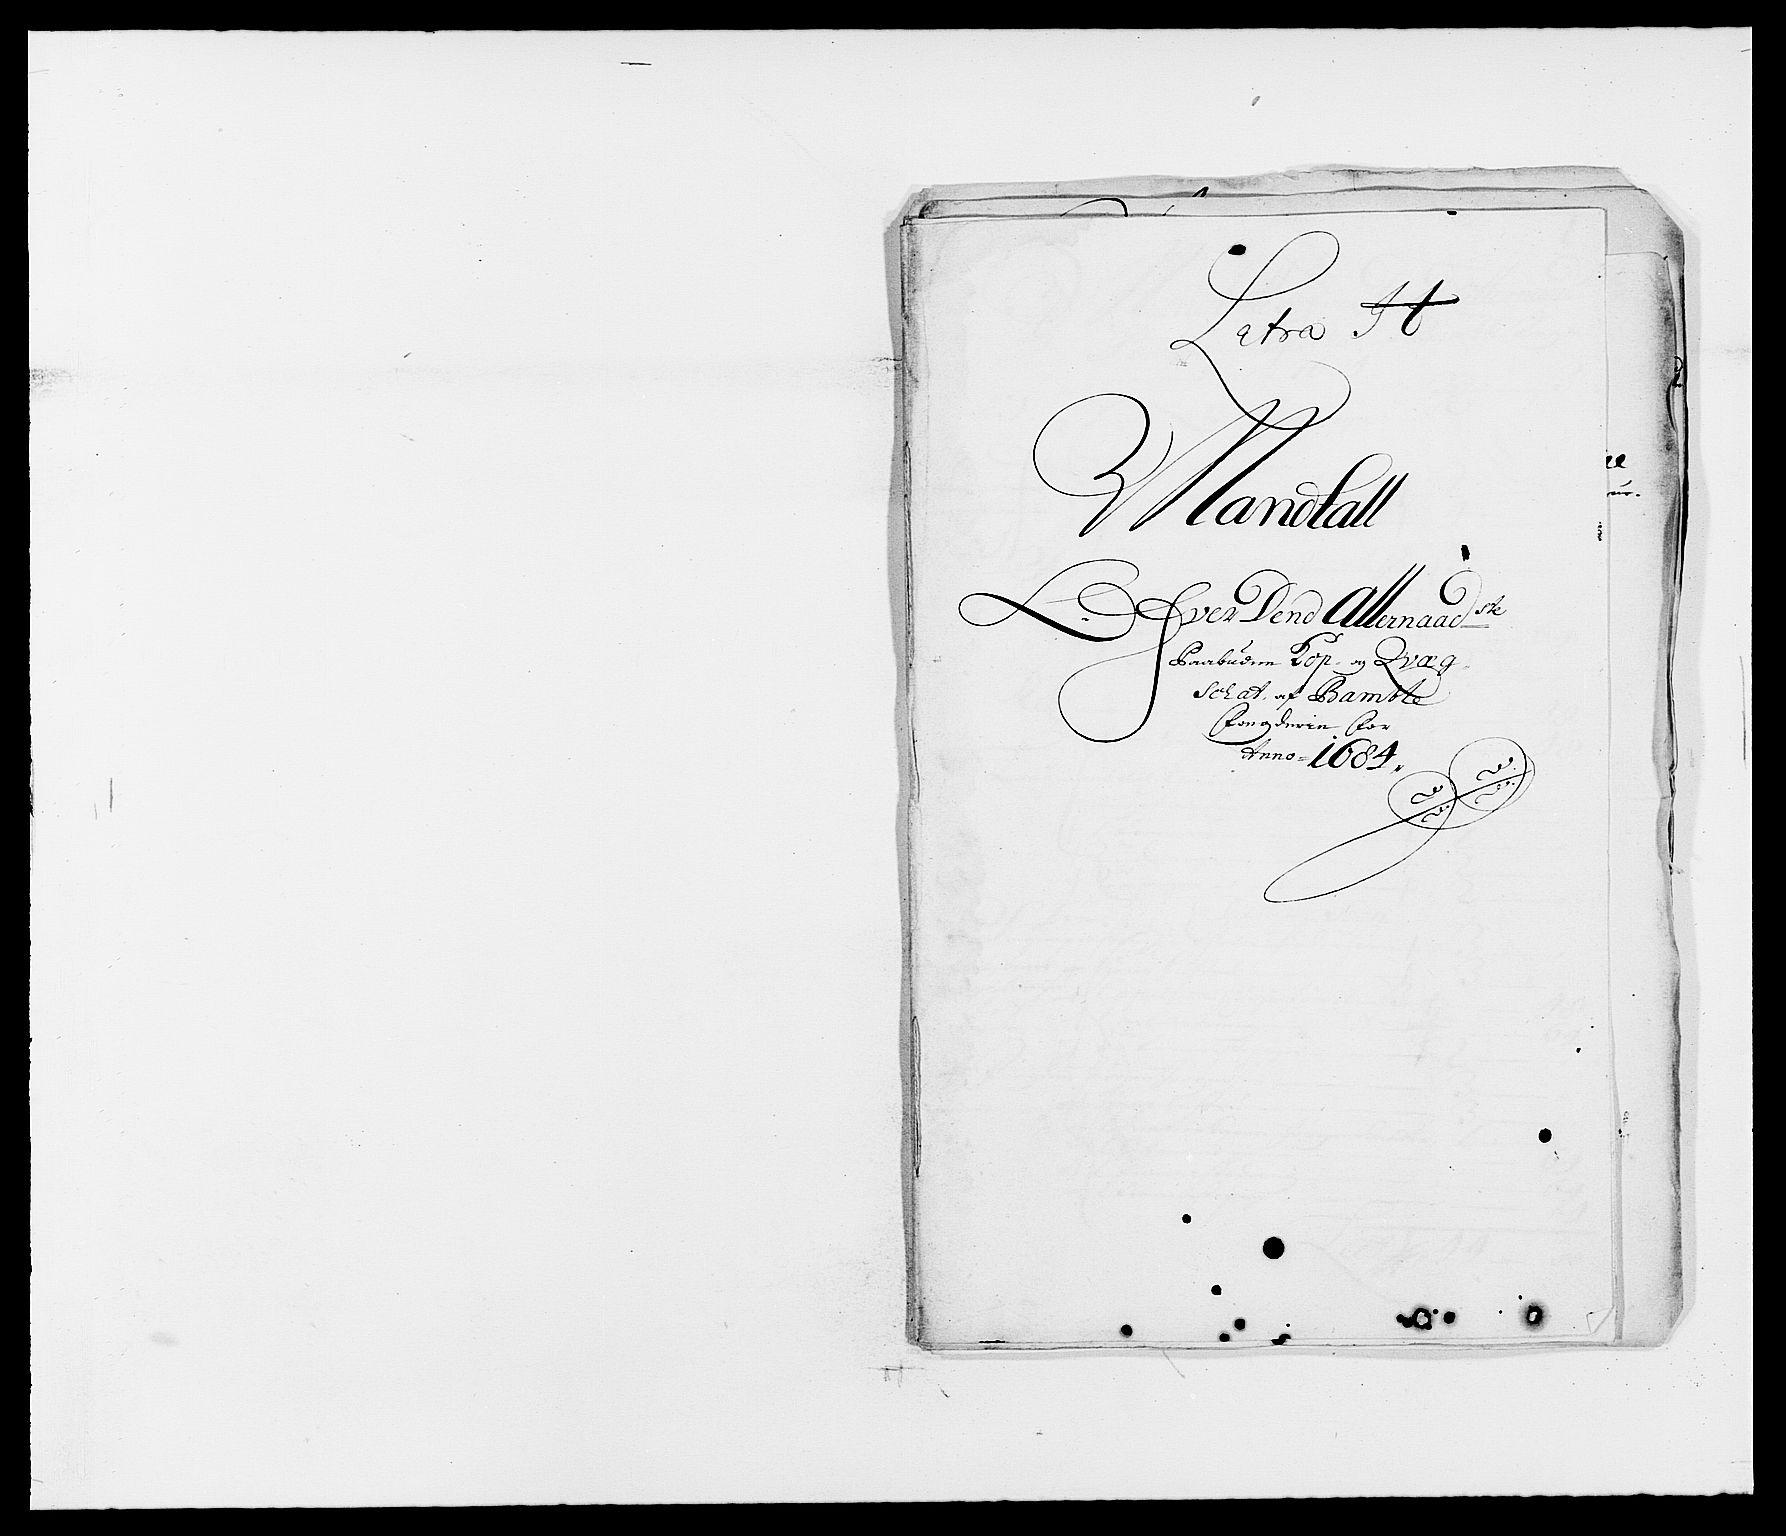 RA, Rentekammeret inntil 1814, Reviderte regnskaper, Fogderegnskap, R34/L2047: Fogderegnskap Bamble, 1684, s. 139